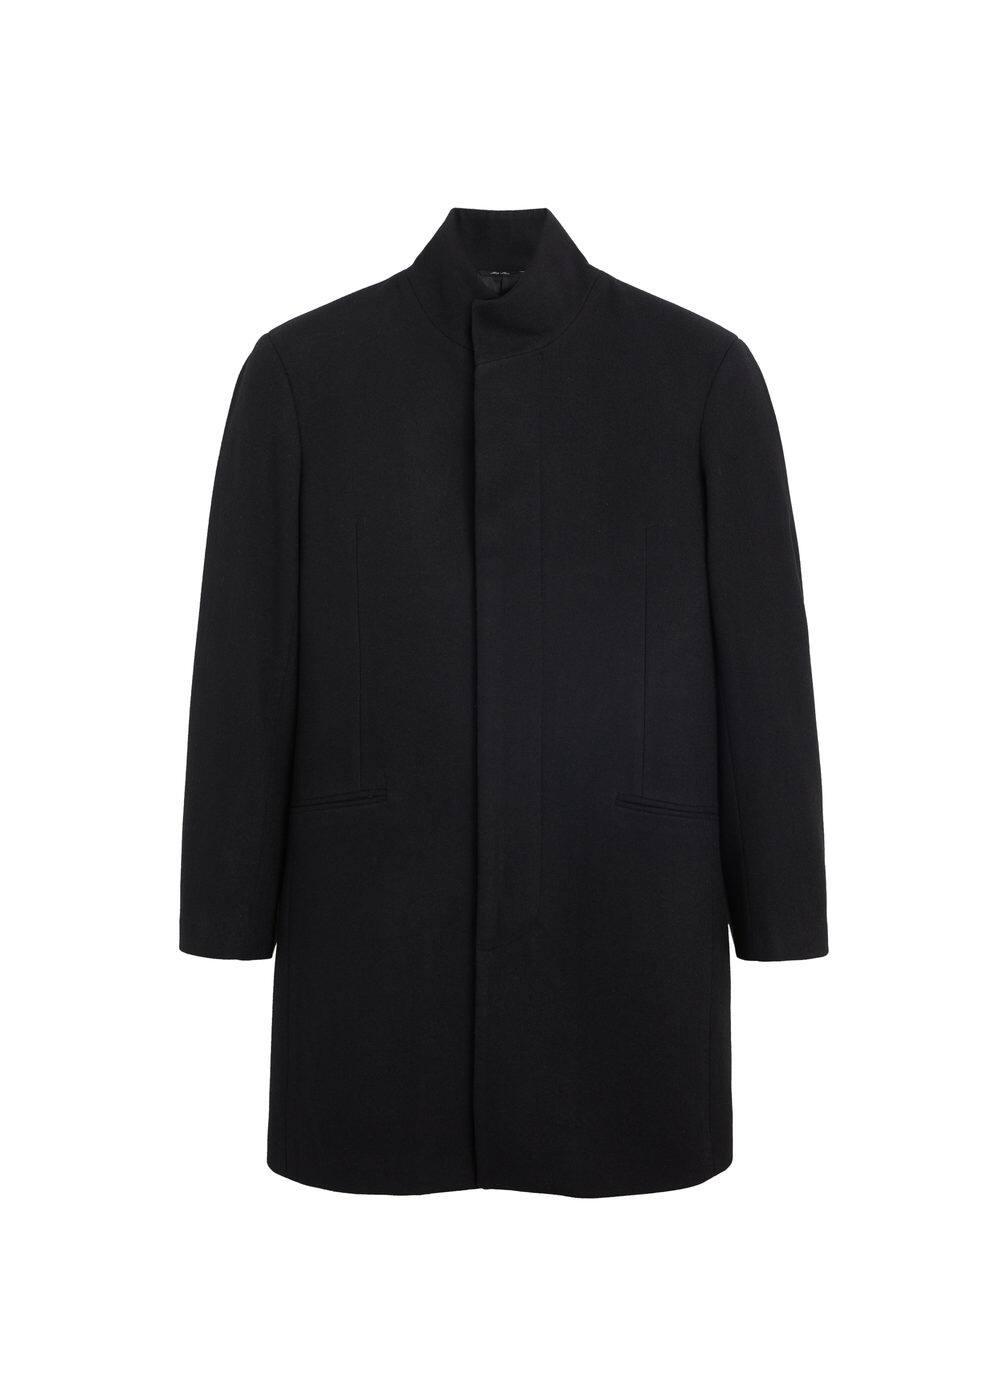 h-funnel:abrigo tailored lana